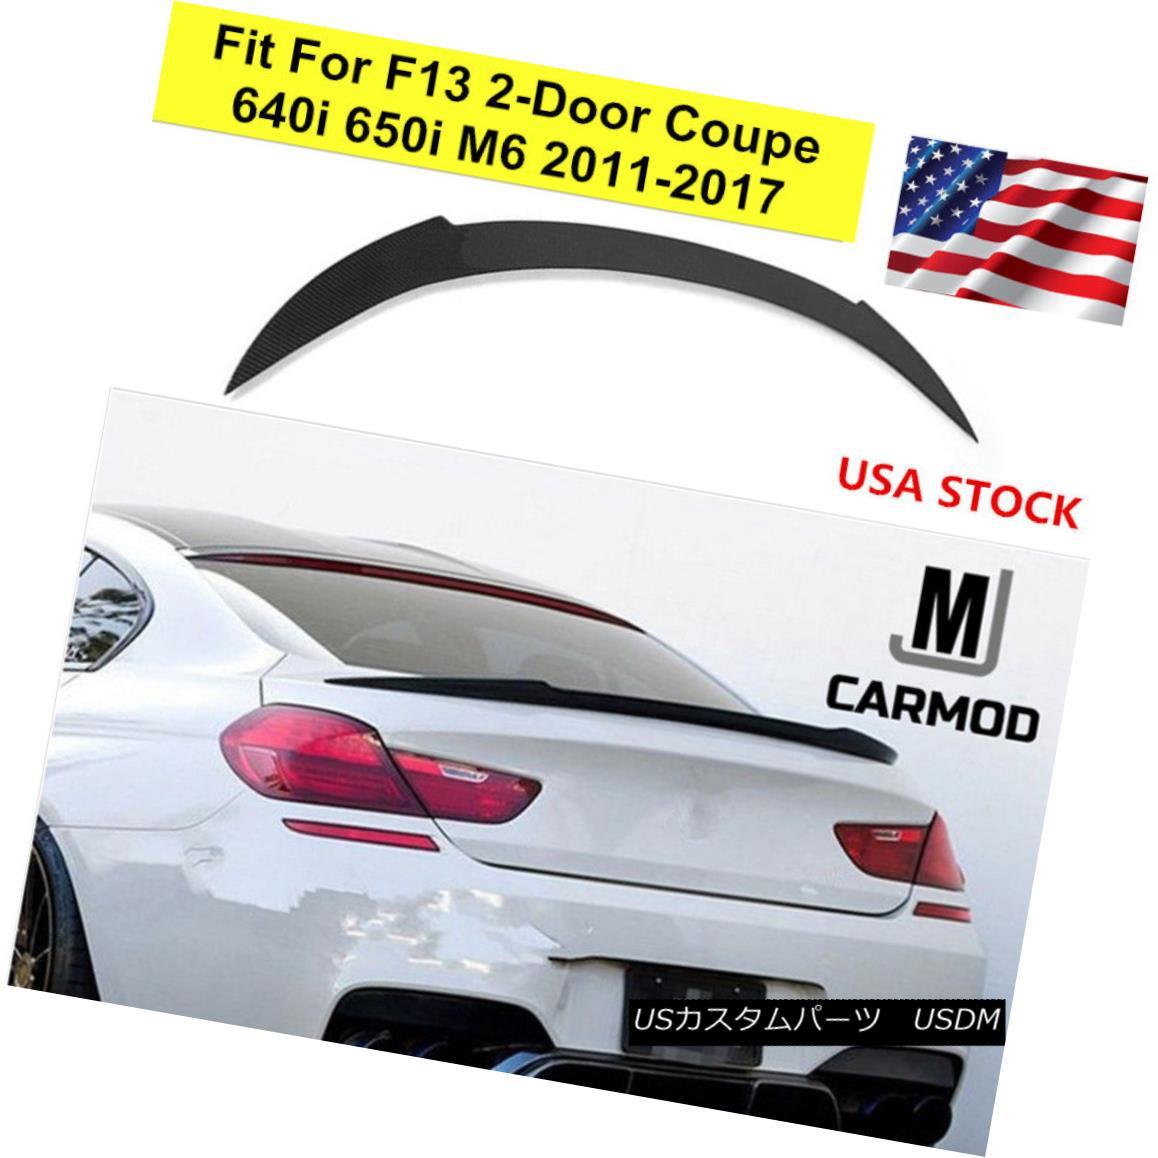 エアロパーツ Fit For F13 BMW 640i 650i 2 Door Coupe 2011+ CARBON FIBER V REAR SPOILER フィットF13 BMW 640i 650i 2ドアクーペ2011 +カーボンファイバーVリアスポイラー